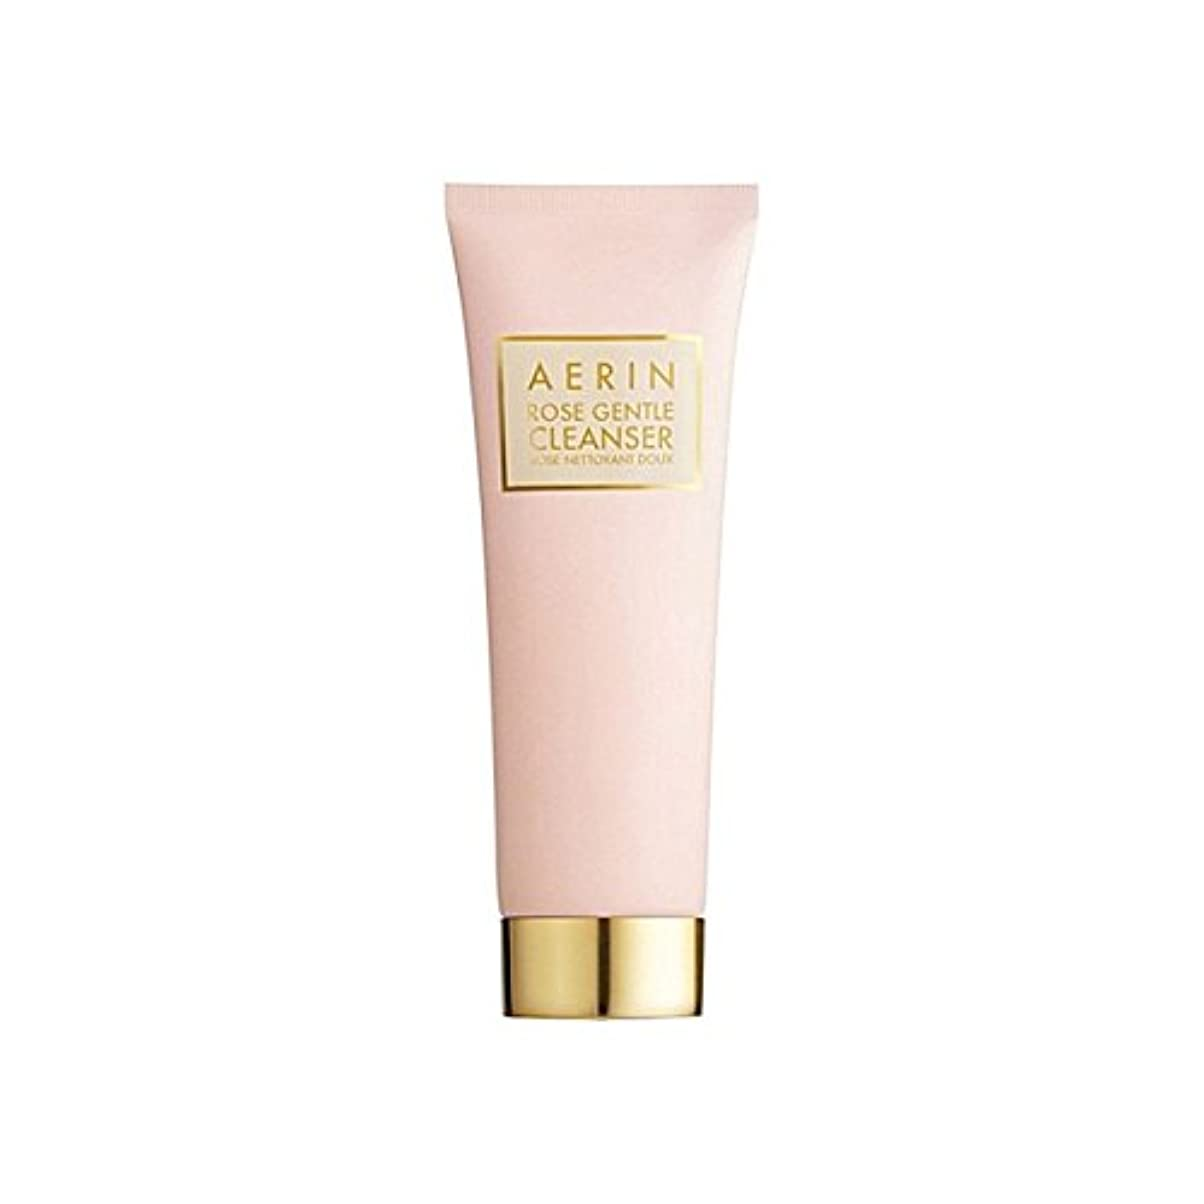 はジェントルクレンザーの125ミリリットルをバラ x4 - Aerin Rose Gentle Cleanser 125ml (Pack of 4) [並行輸入品]